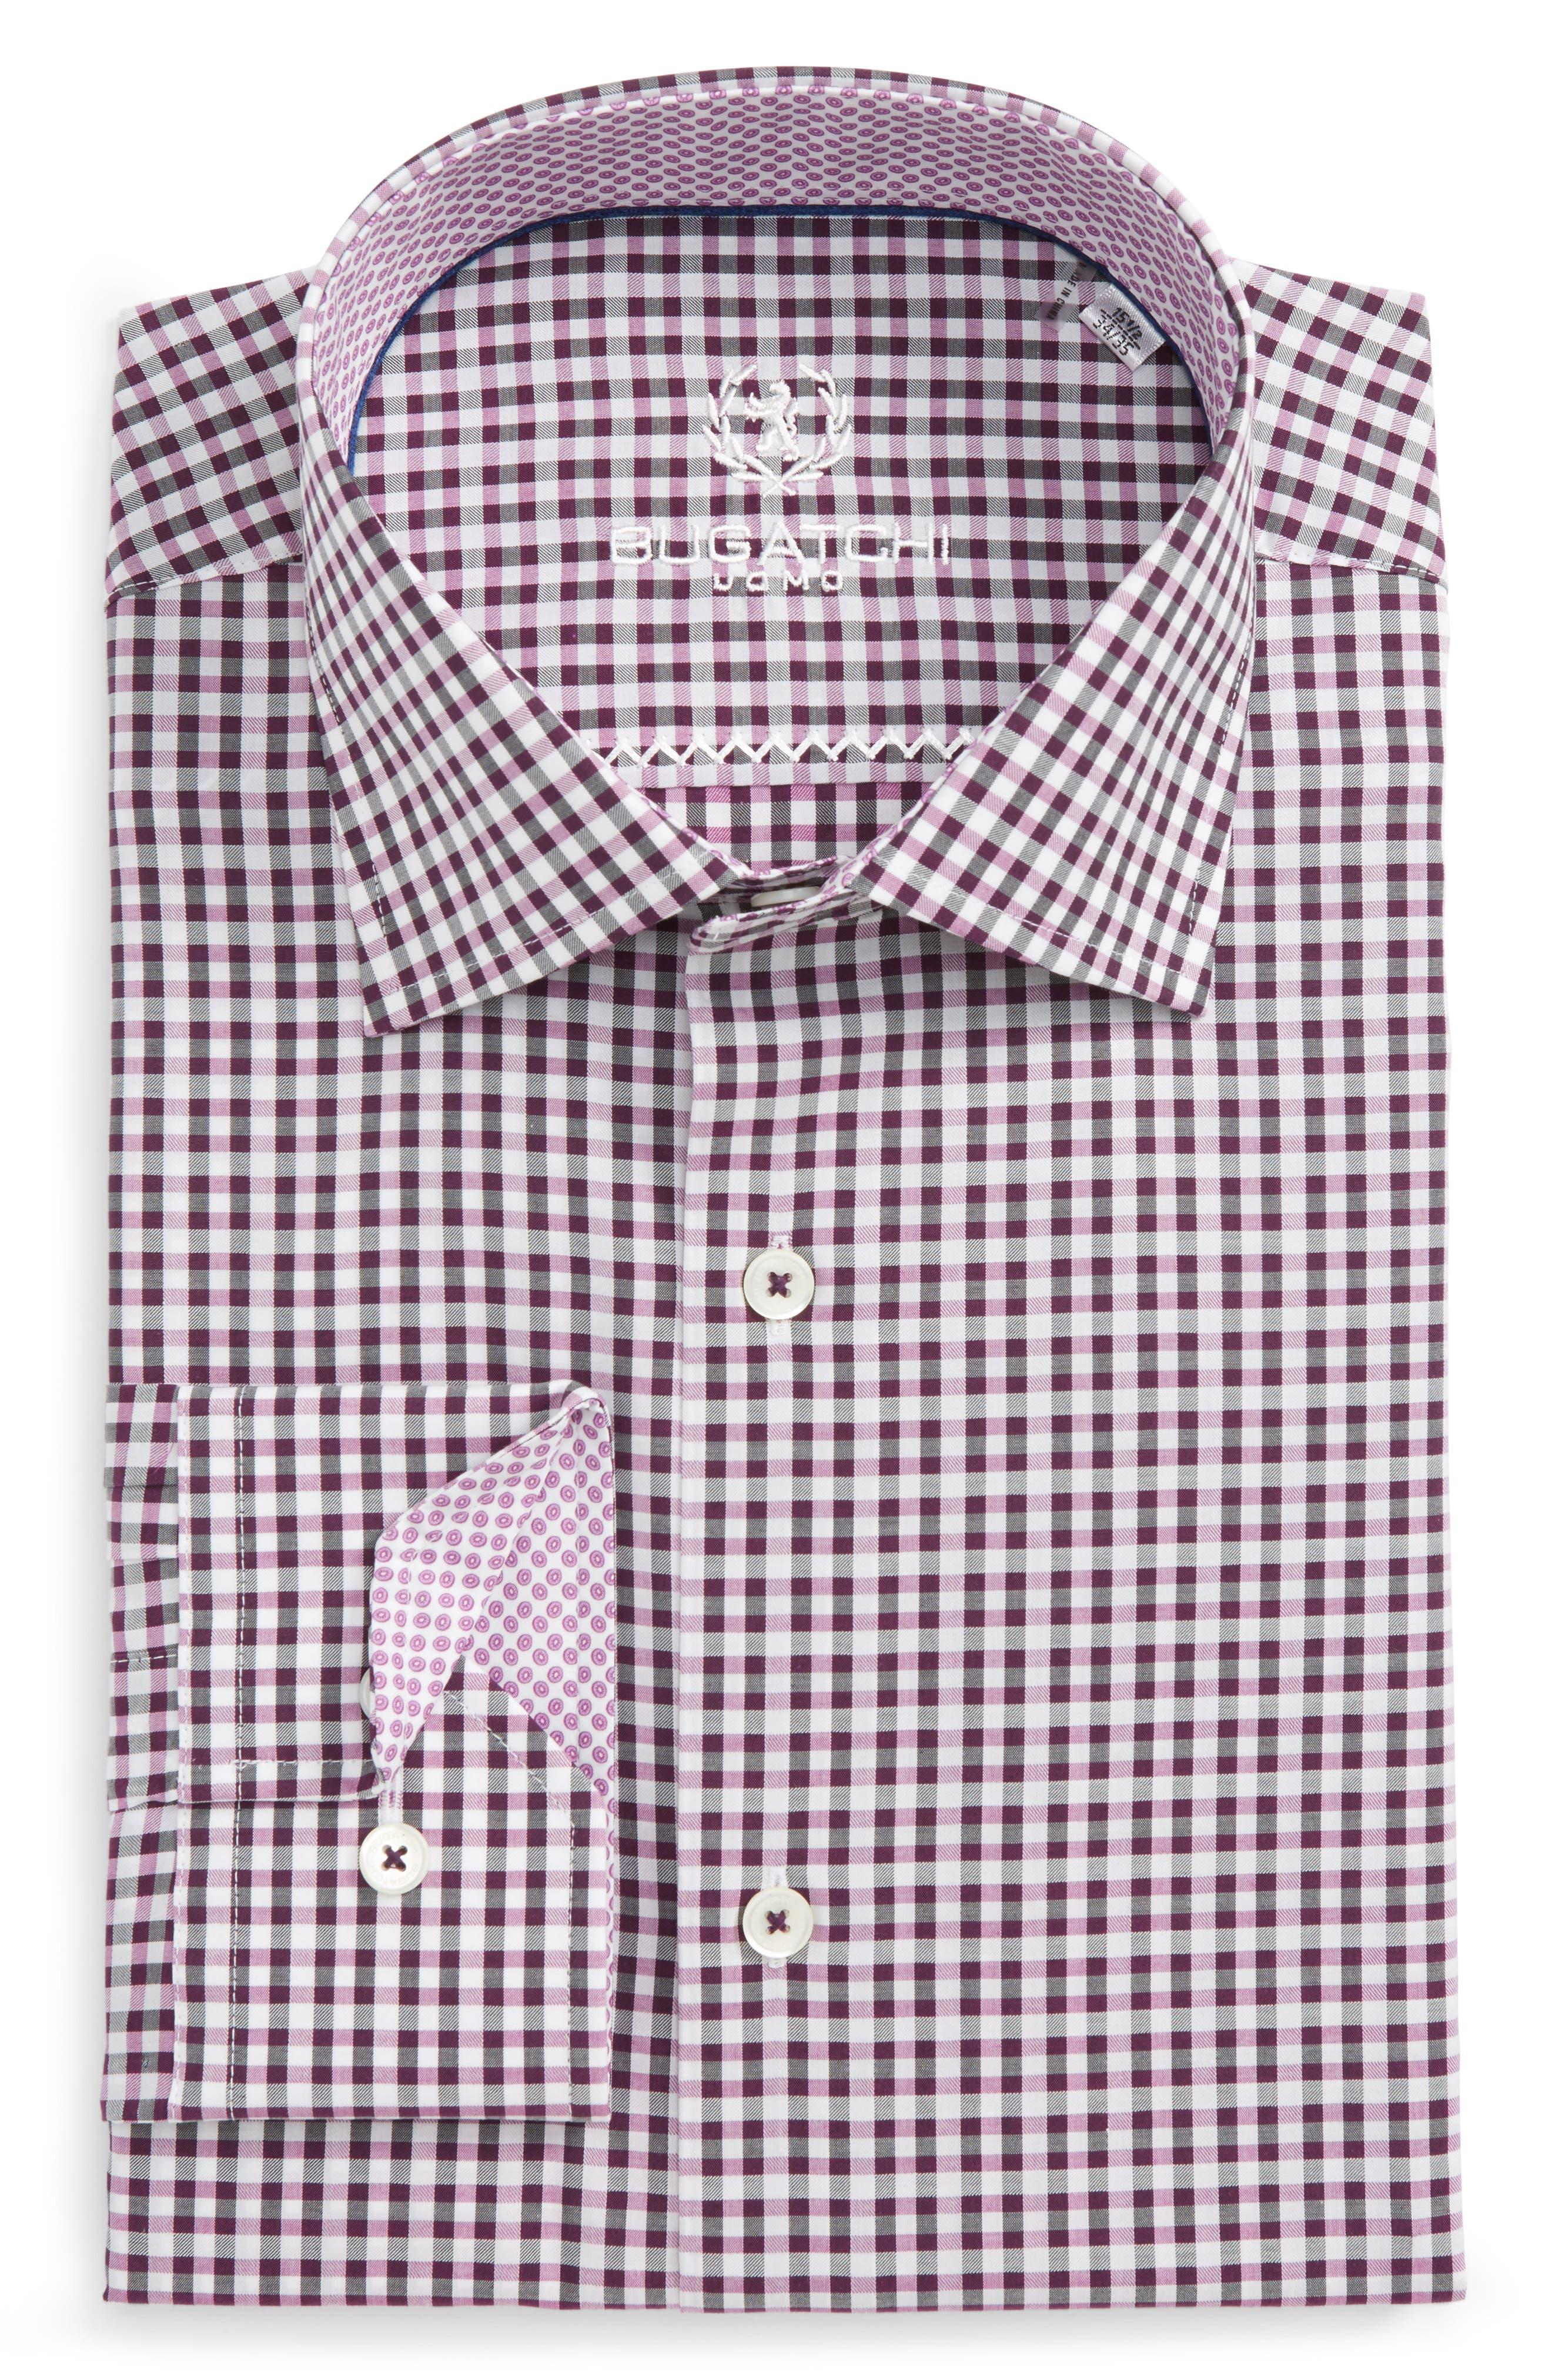 Trim Fit Check Dress Shirt,                             Main thumbnail 1, color,                             Plum